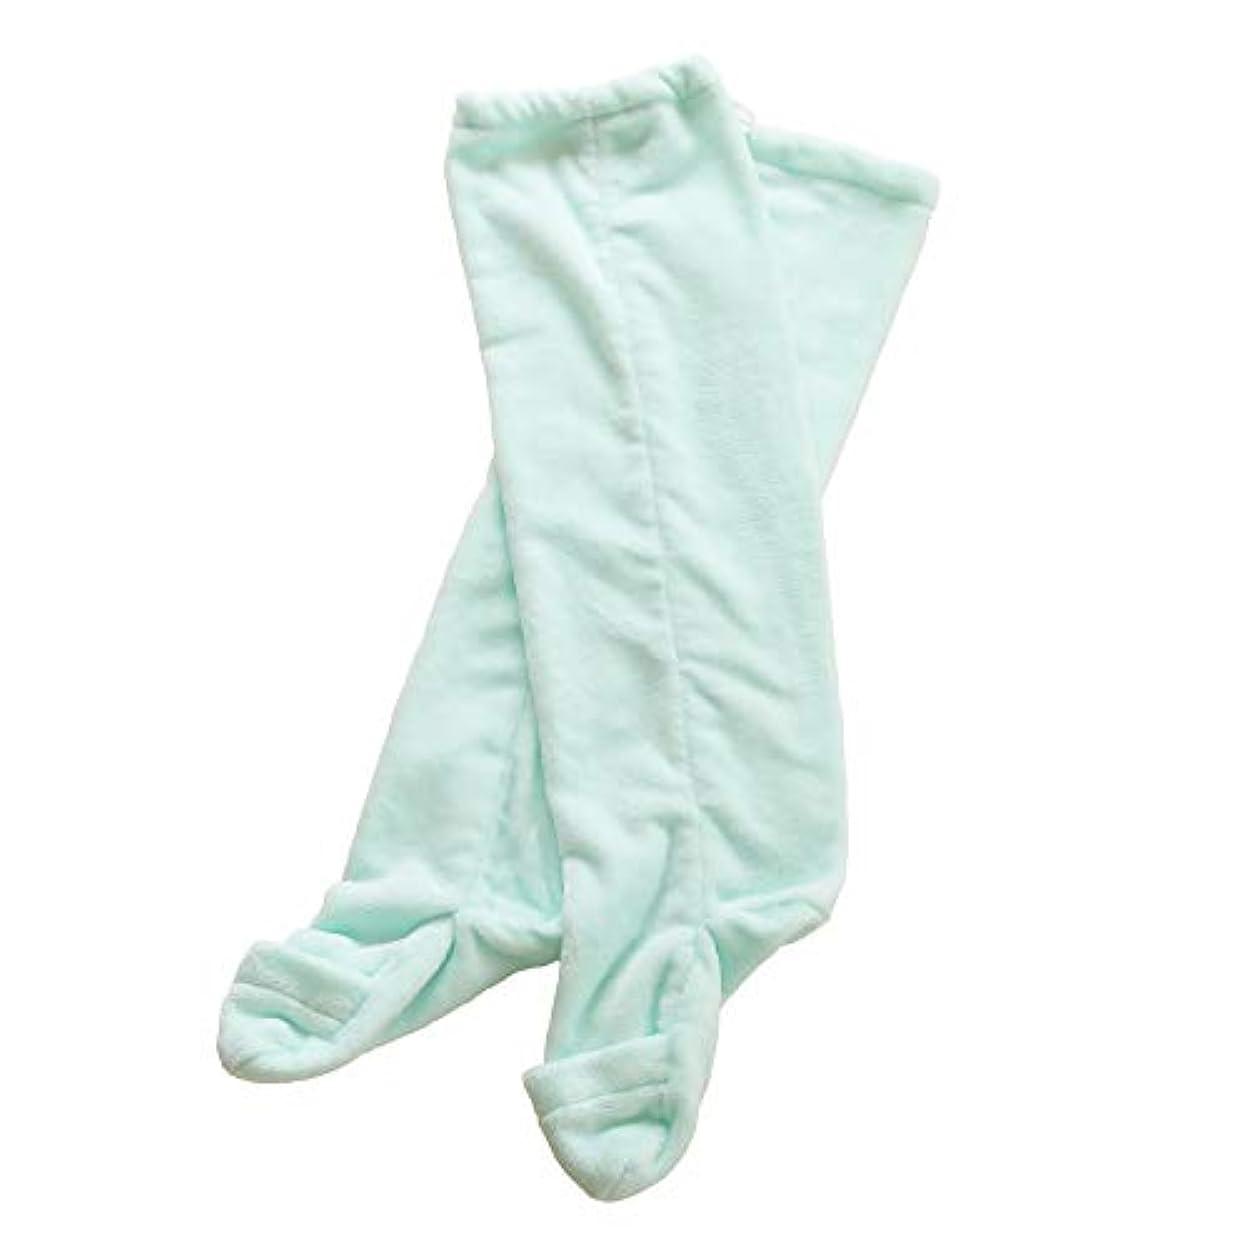 見つける暗くする失効あったか ルームソックス 極暖 足が出せるロングカバー レッグウォーマー 冷え取り靴下 履く毛布